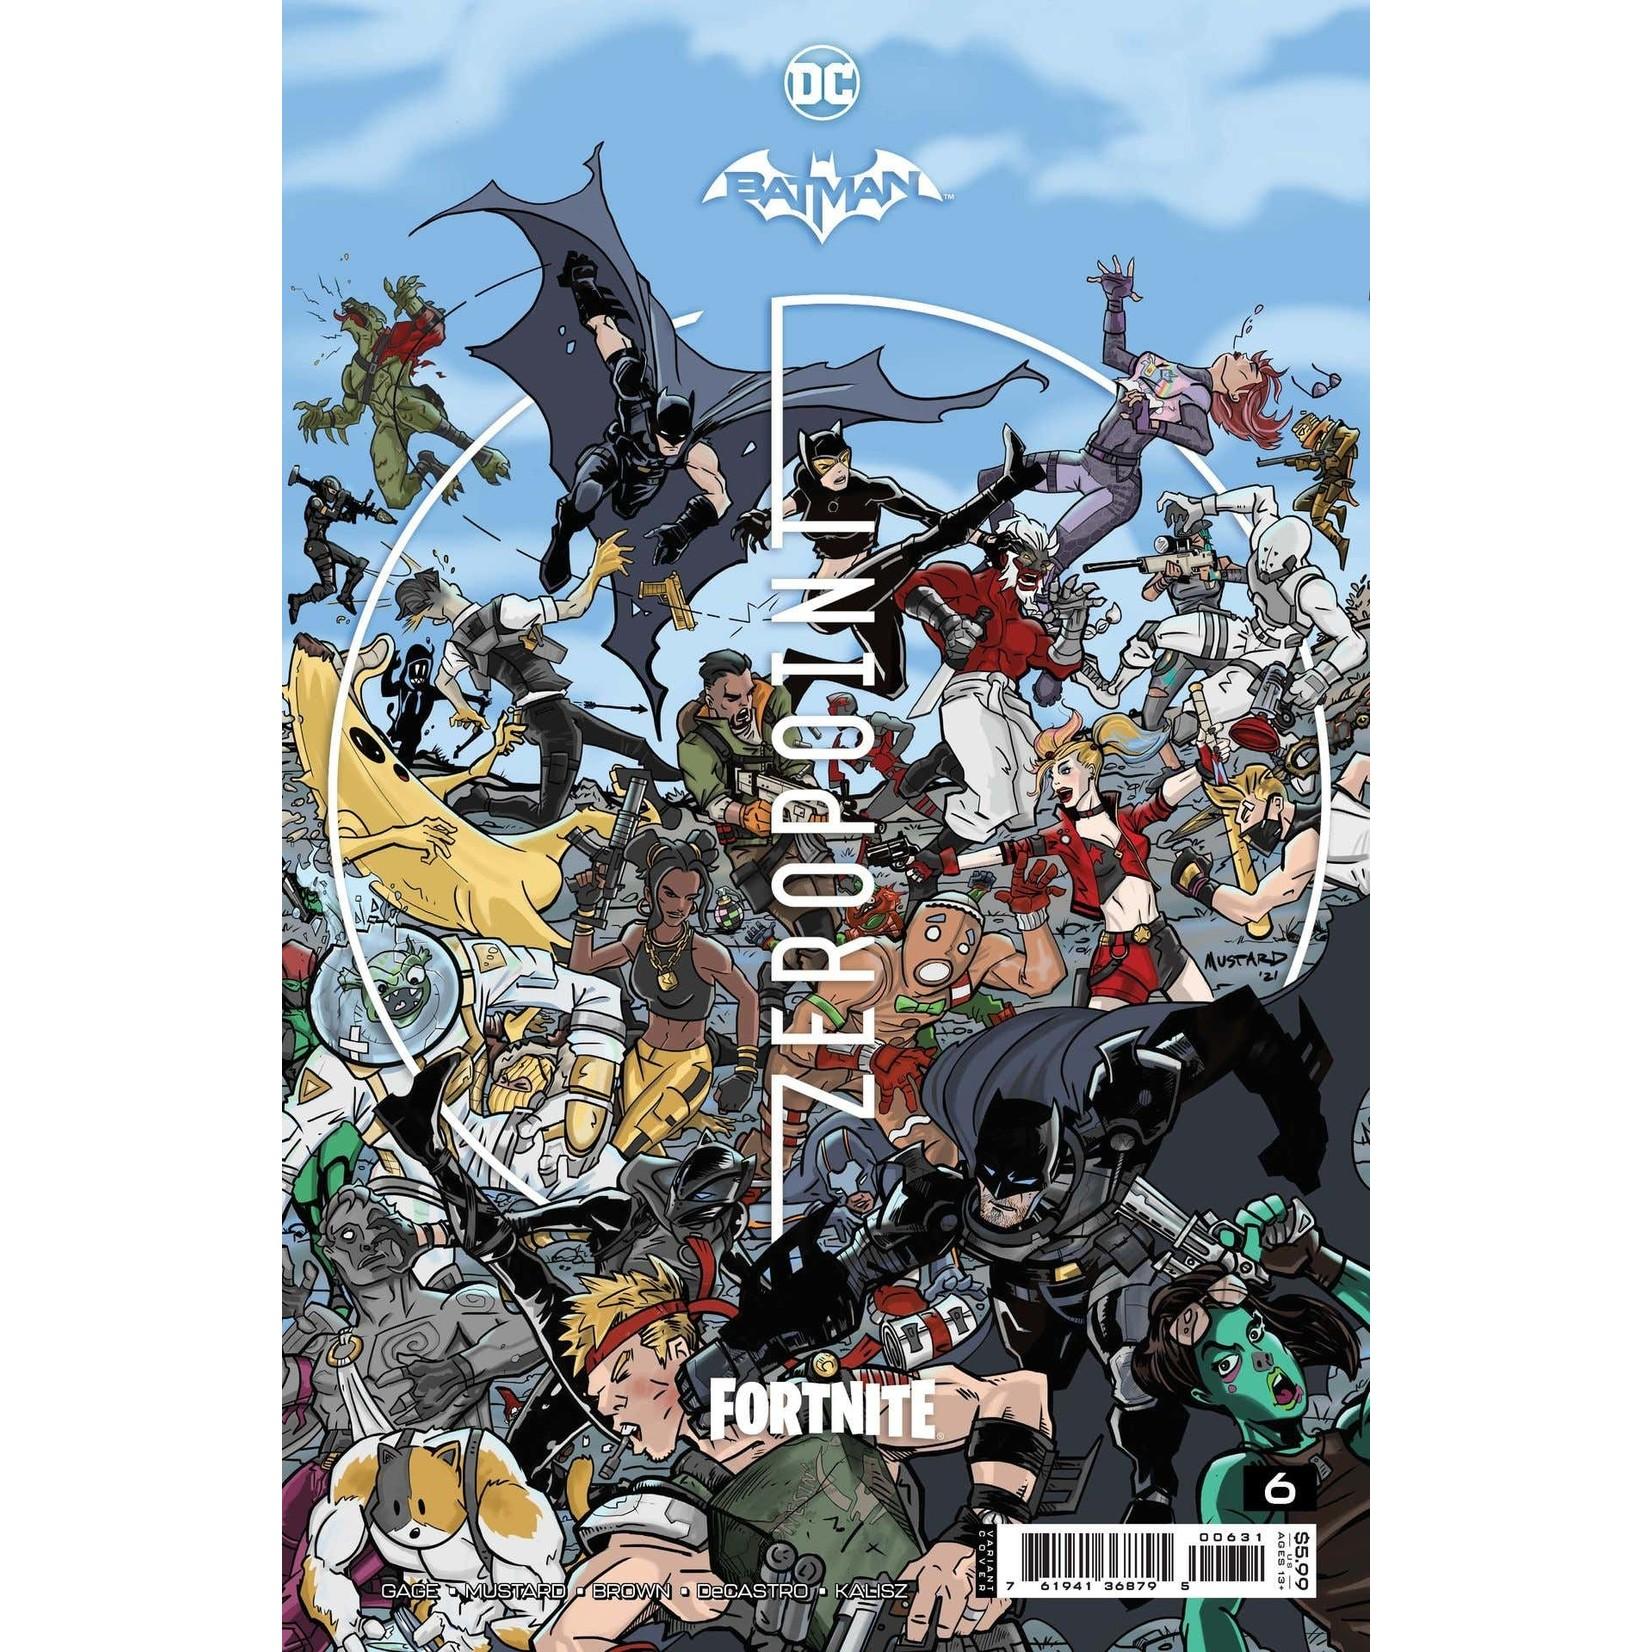 DC COMICS Batman Fortnite Zero Point #6 Premium Variant F